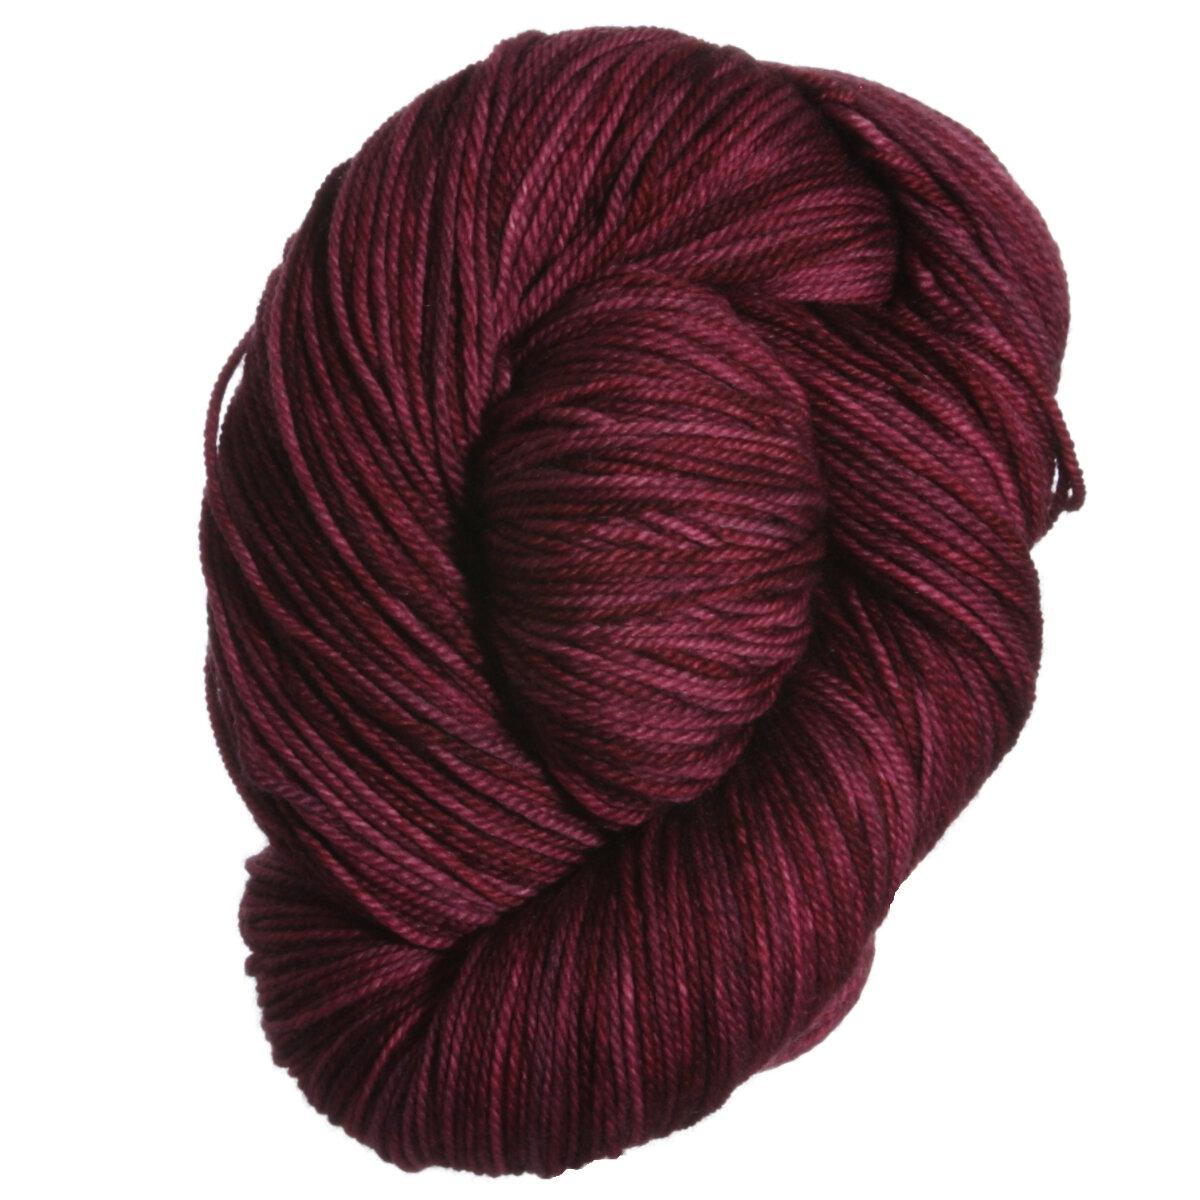 Squishy Yarn : Anzula Squishy Yarn at Jimmy Beans Wool